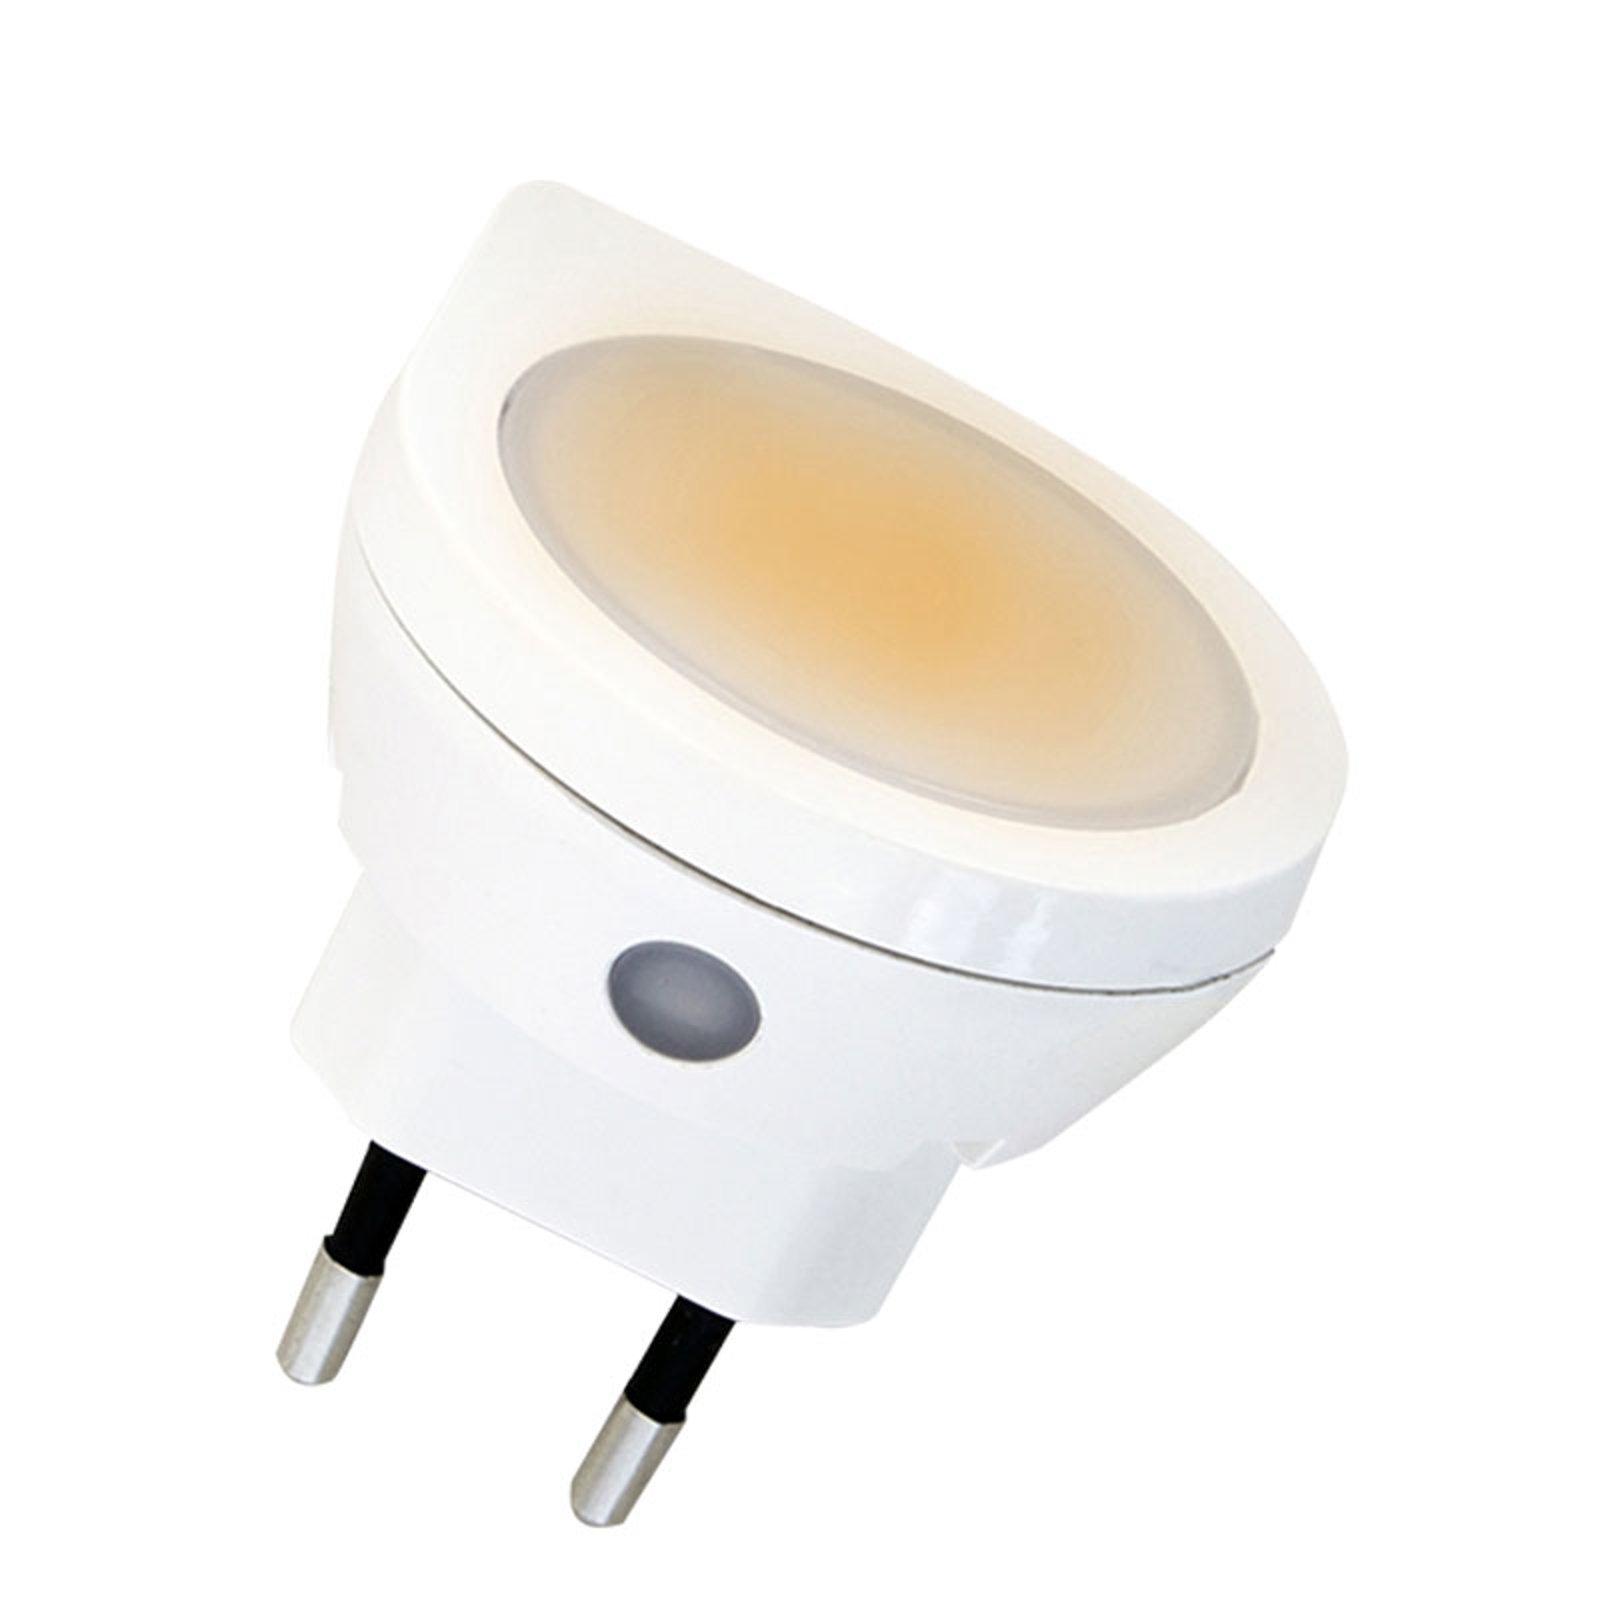 Erno sensor LED-nattelys for stikkontakt